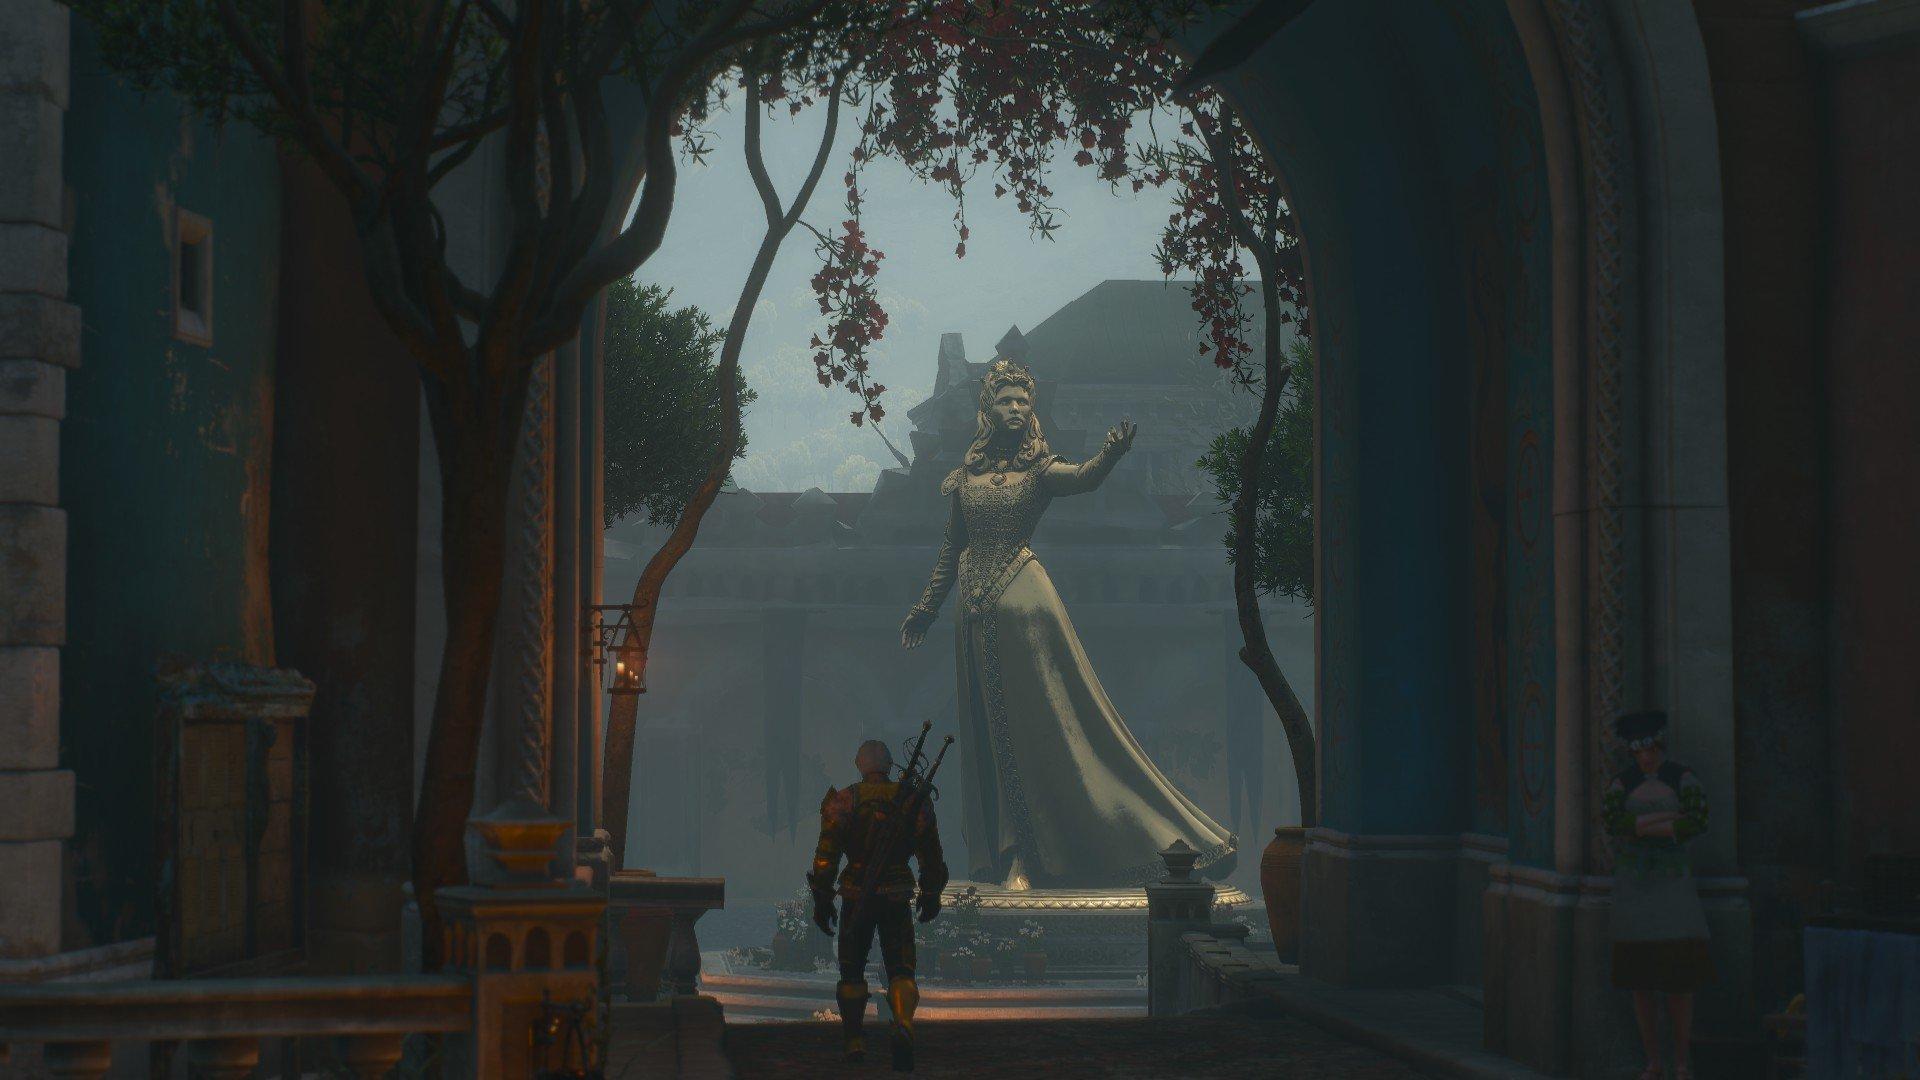 Вопль-прохождение Witcher 3: Кровь и Вино ... ФИНАЛ!!! [ВНИМАНИЕ, СПОЙЛЕРЫ] - Изображение 34